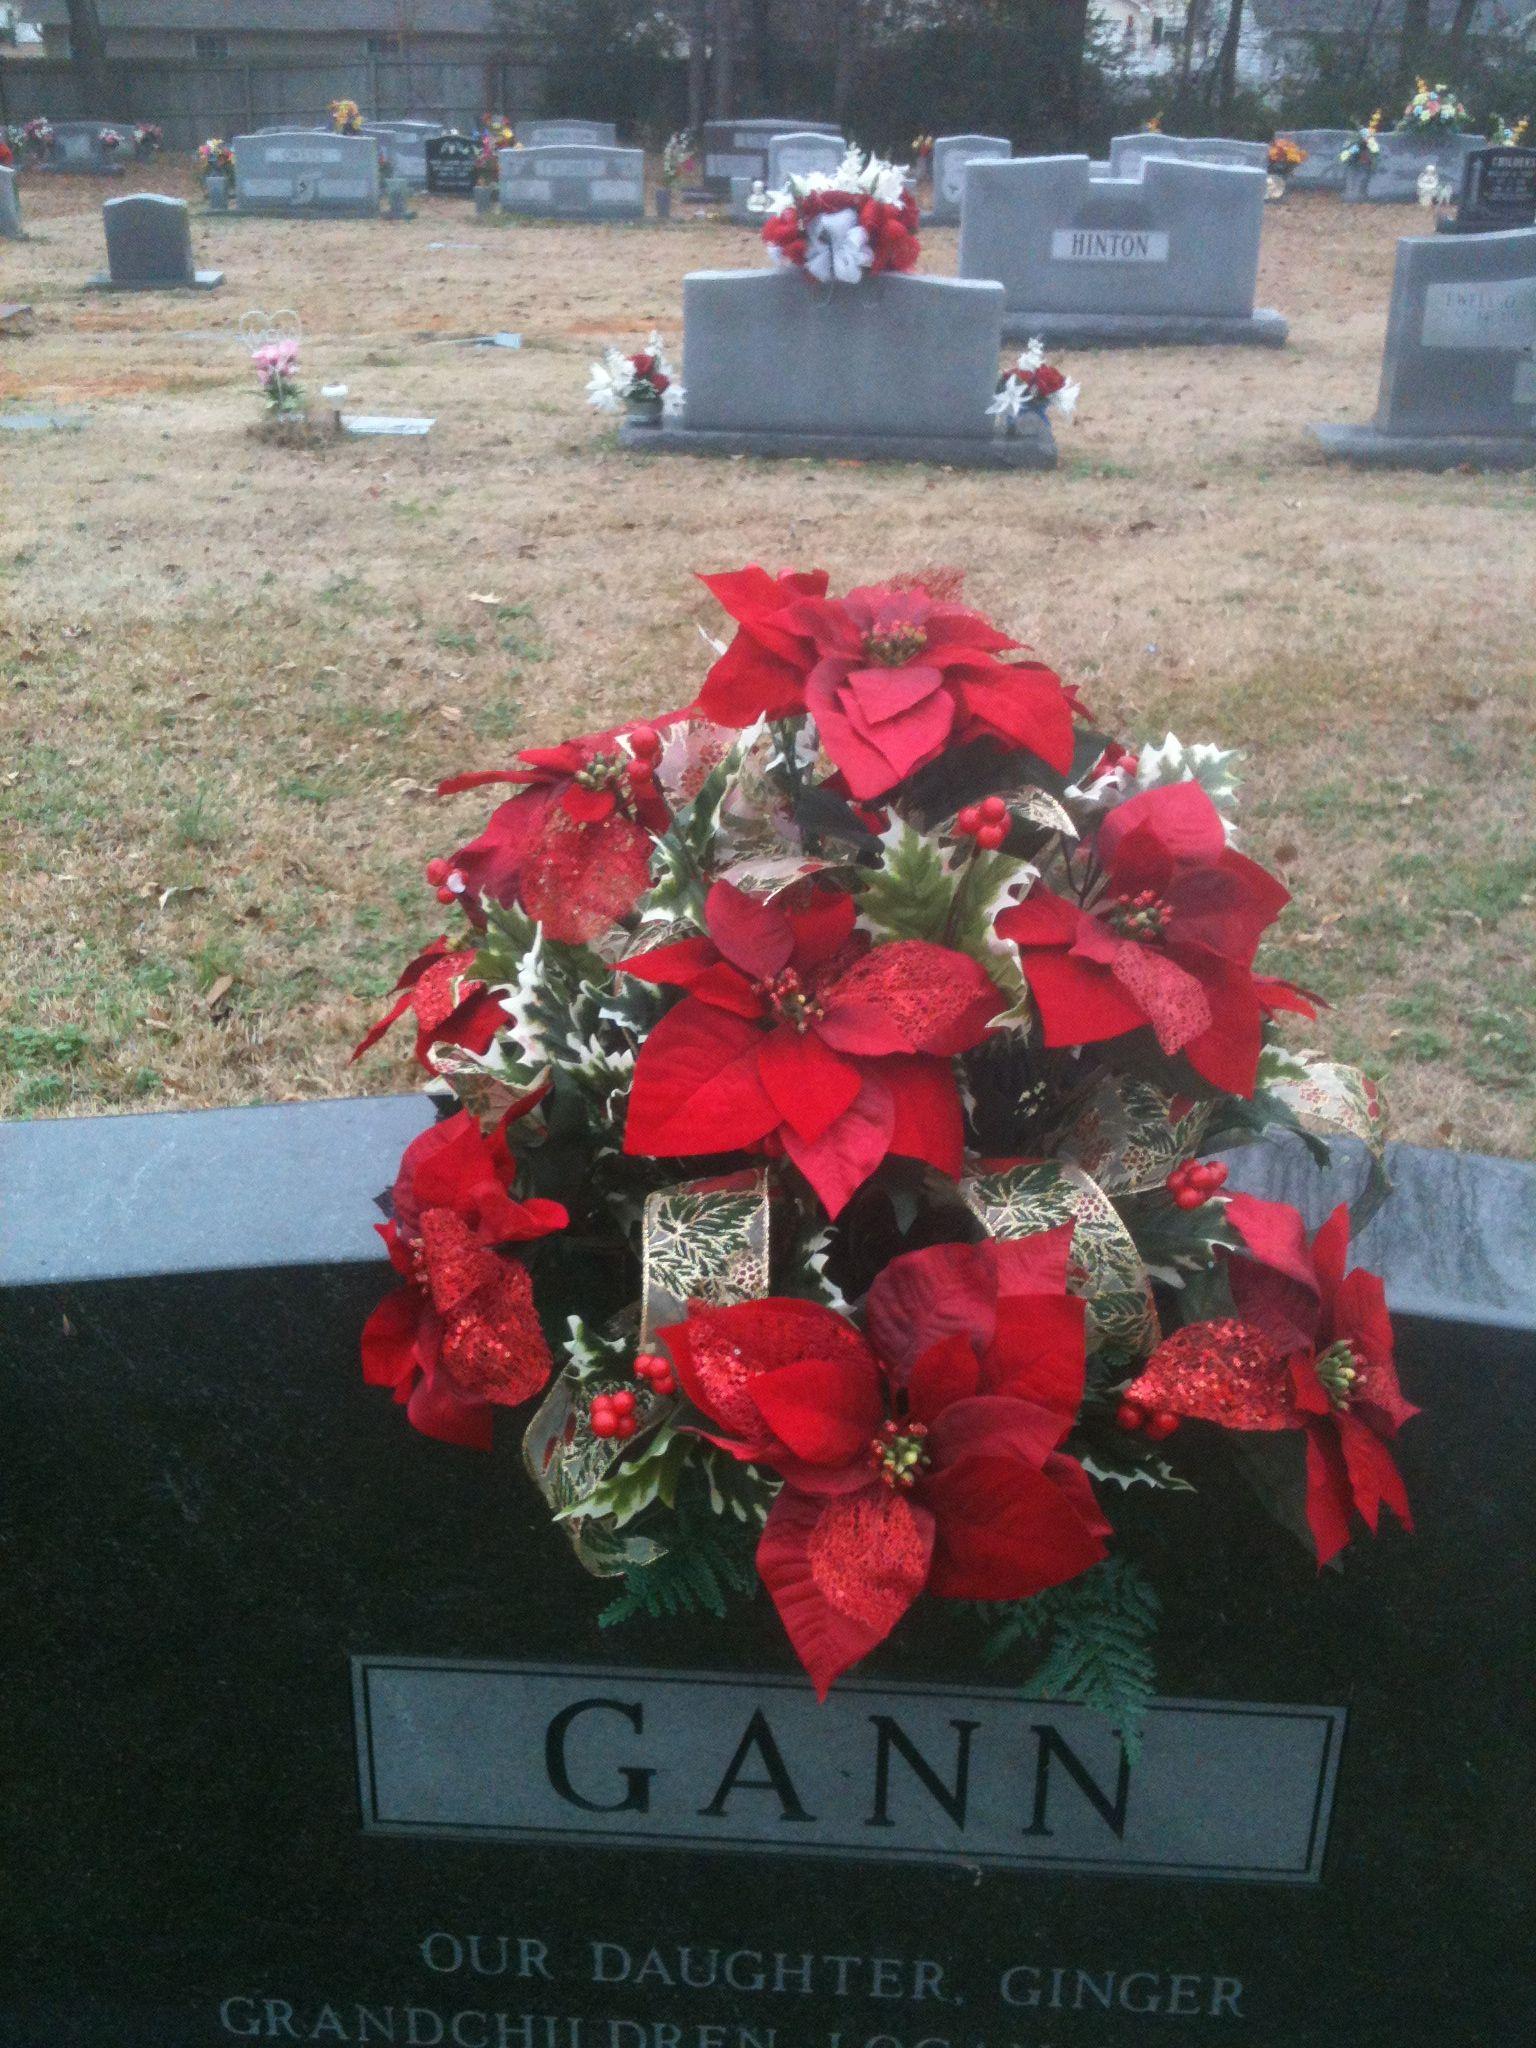 Christmas poinsettia cemetery vase flowers for you pinterest christmas poinsettia cemetery vase reviewsmspy